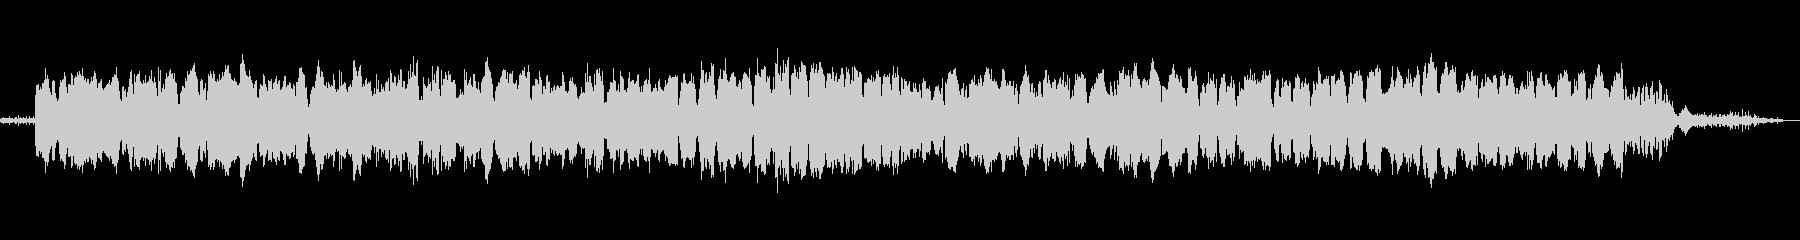 静かでゆったりヒーリングクラシック3の未再生の波形